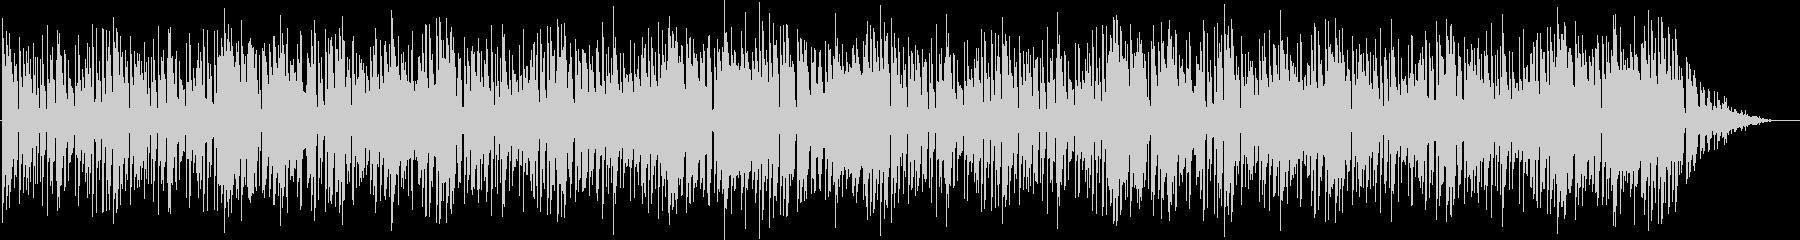 色んな音が入り混じるエレクトロポップスの未再生の波形